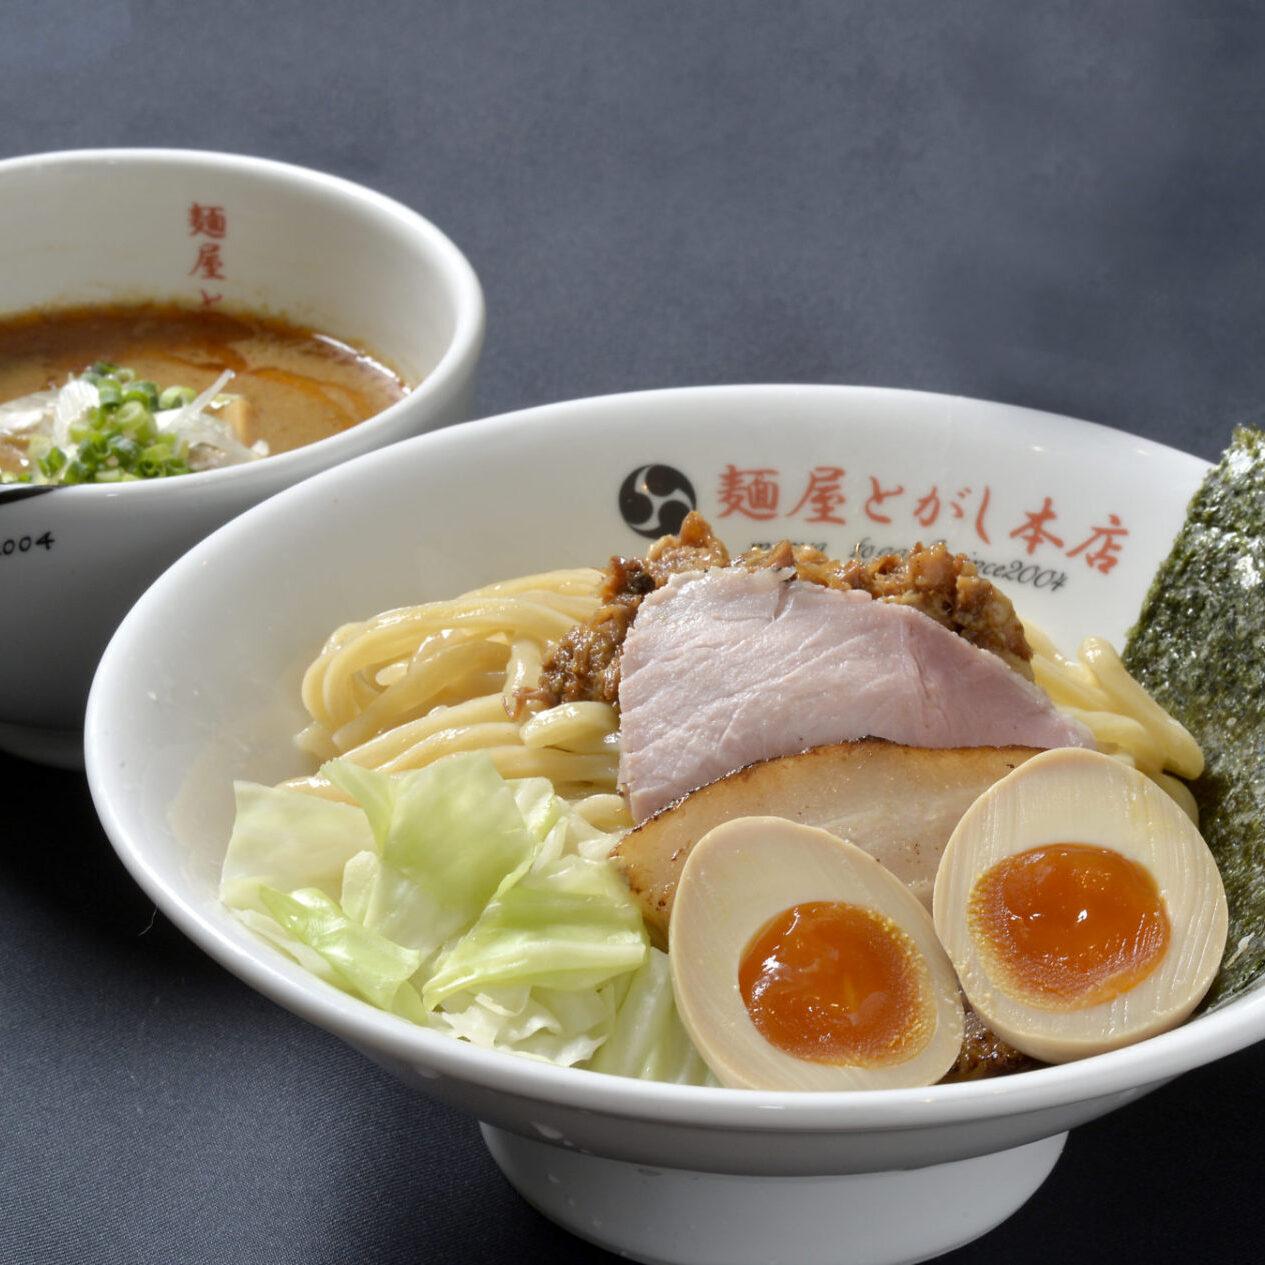 とがしの濃厚つけ麺(白)